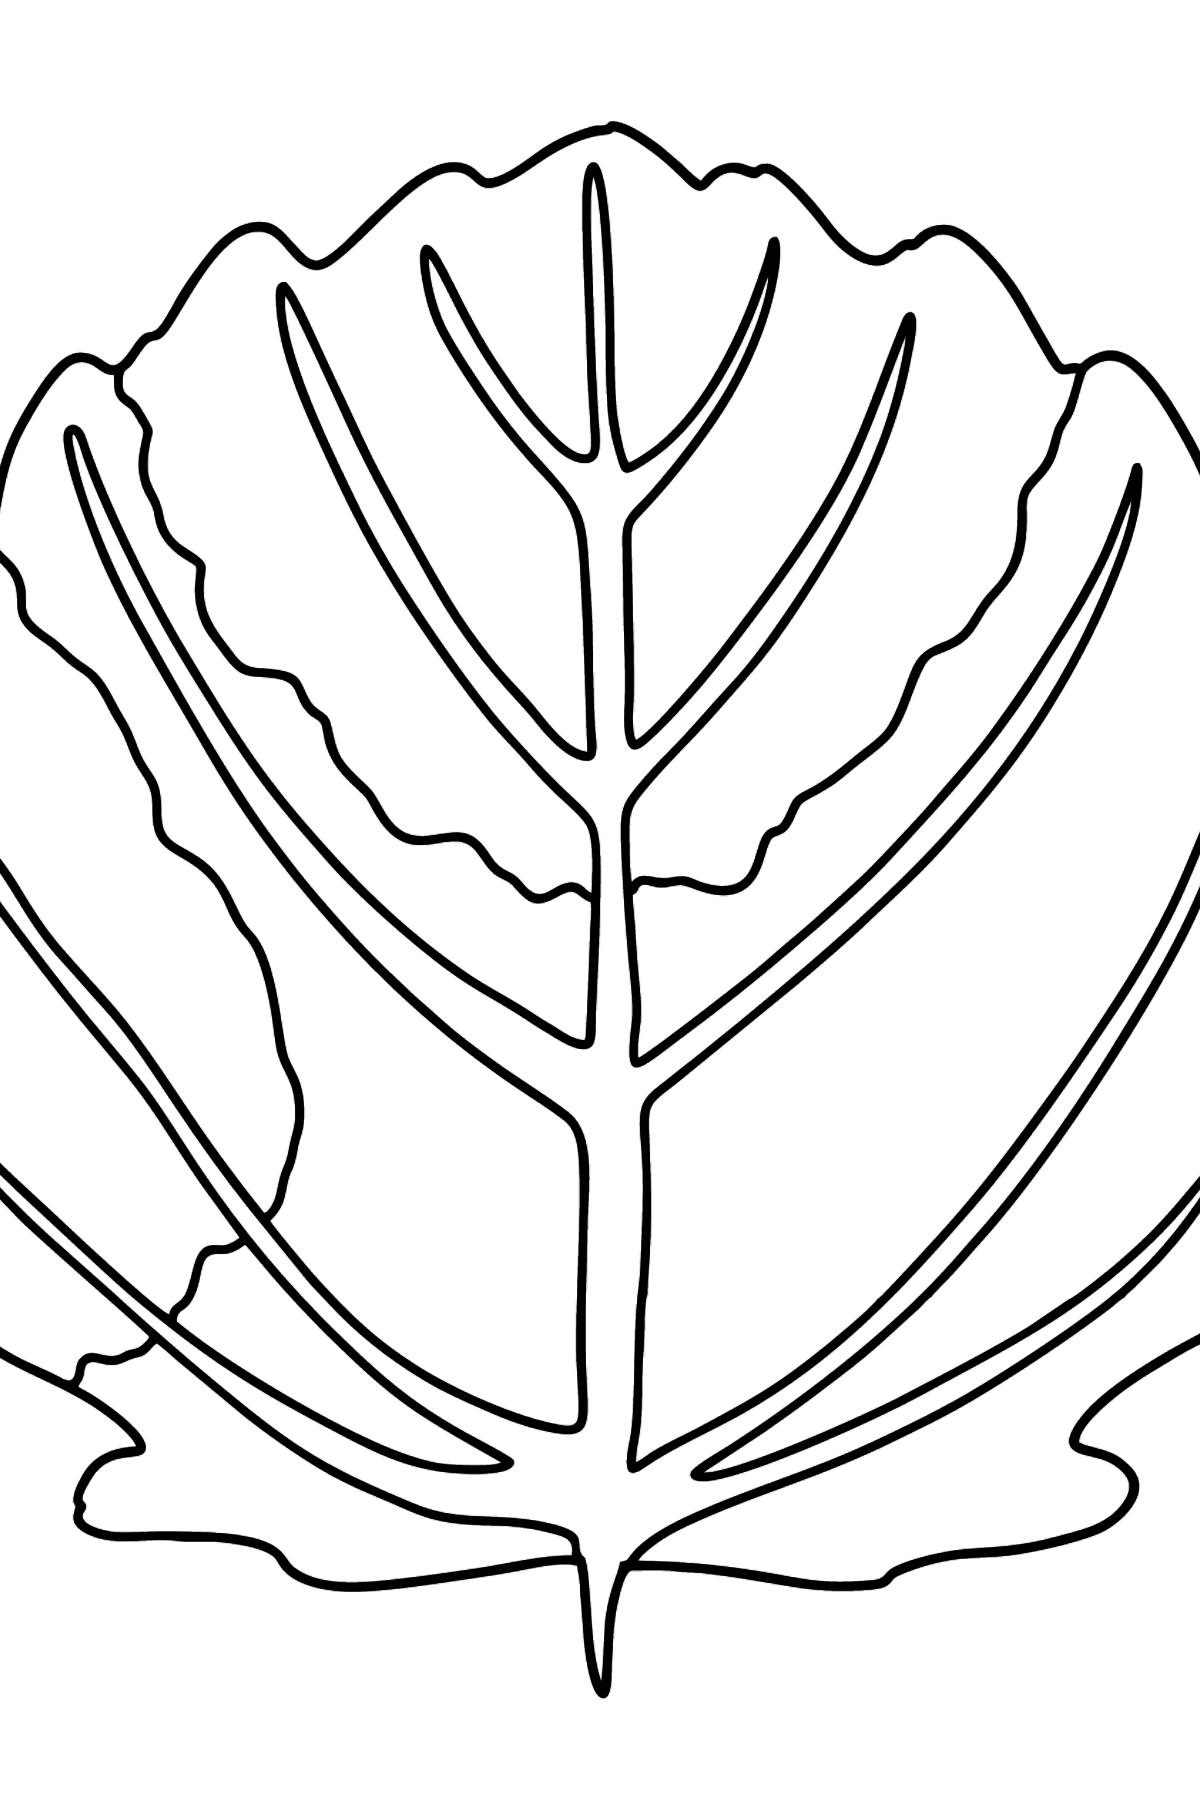 Раскраска лист осины - Картинки для Детей